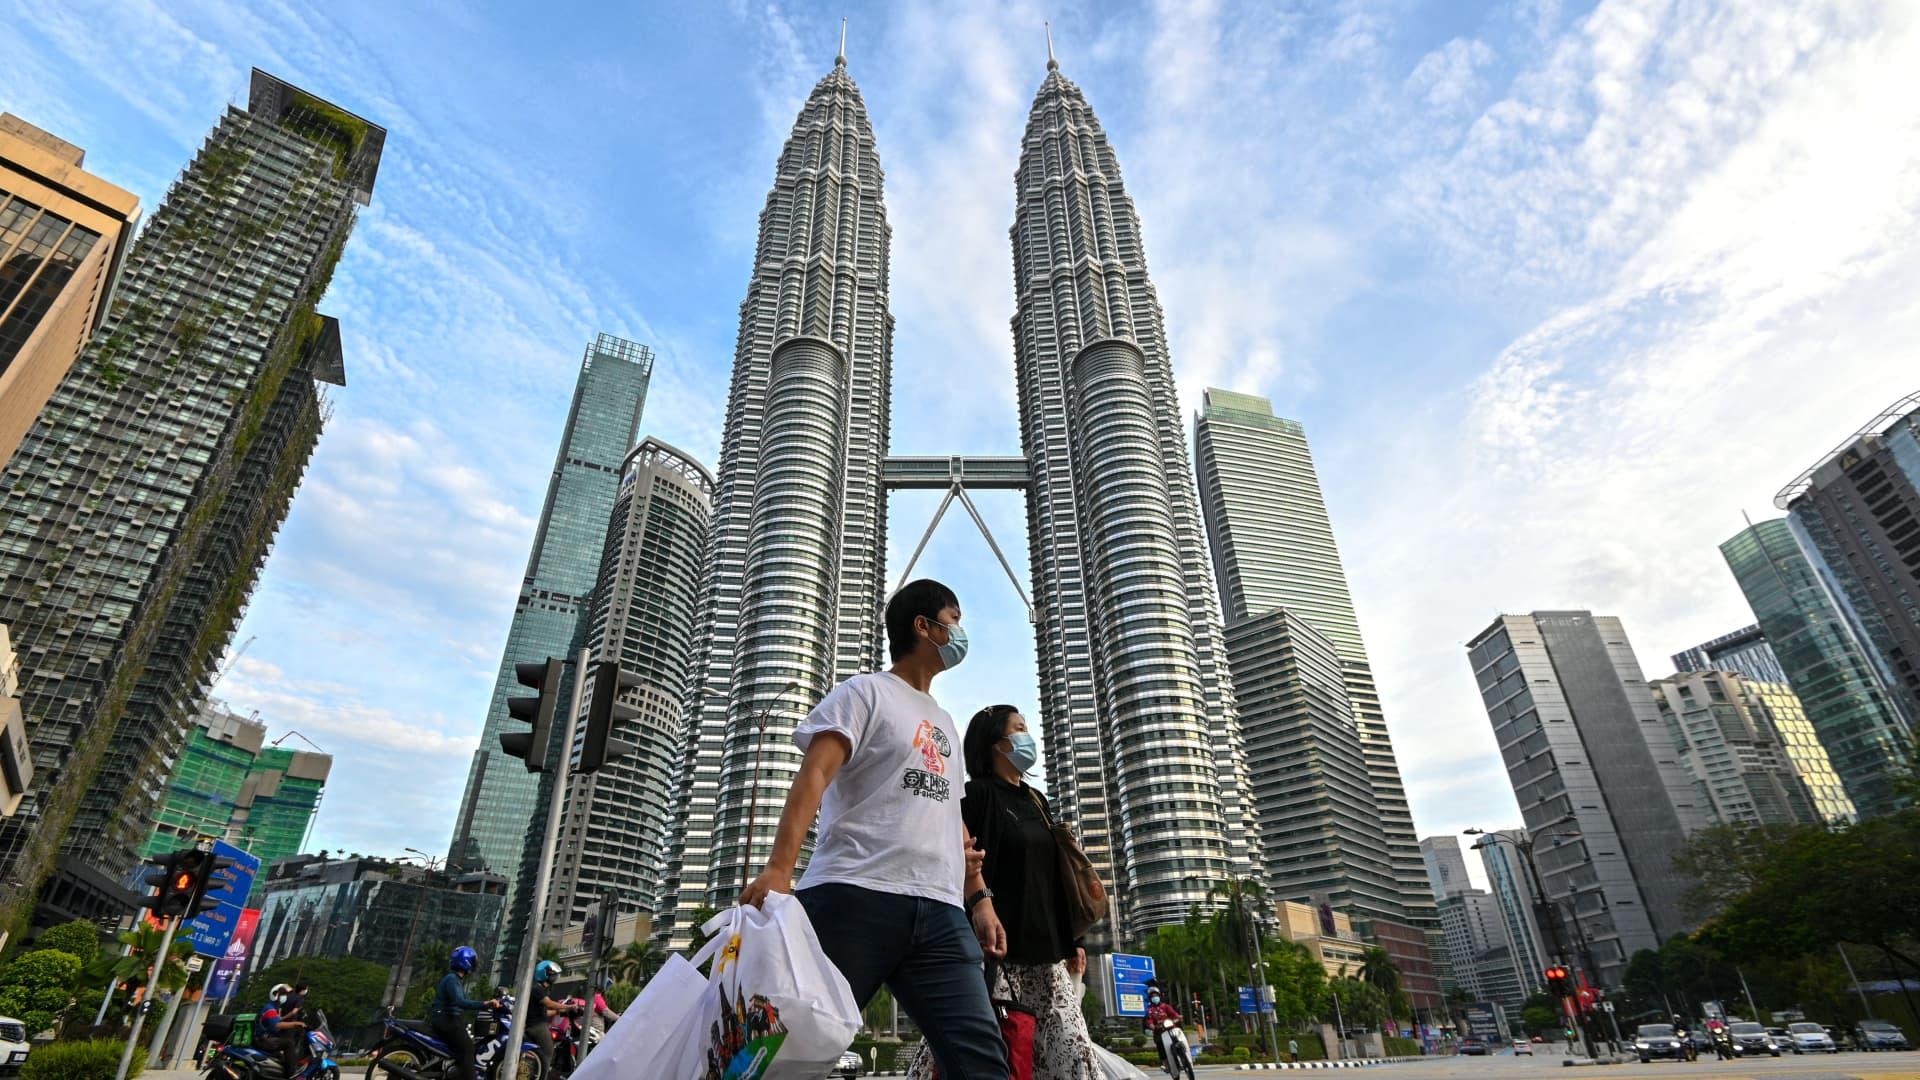 People wearing face masks walk in front of the Petronas Twin Towers in Kuala Lumpur, Malaysia, Jan. 29, 2021.